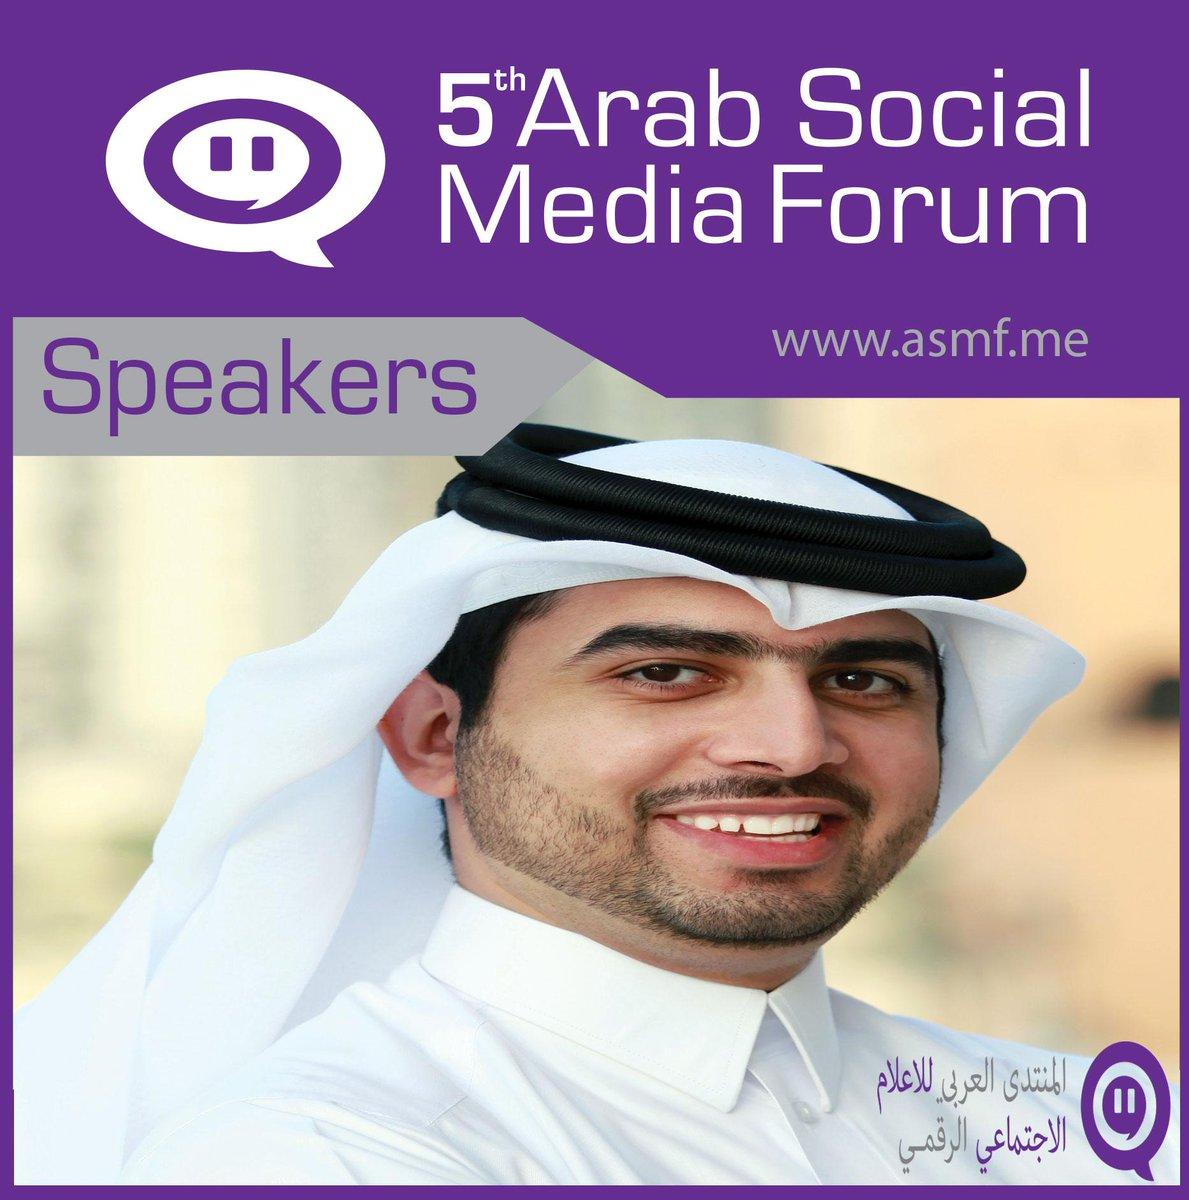 @Ammr  هو أحد متحدثي المنتدى العربي للإعلام الاجتماعي الرقمي .  للتسجيل : http://t.co/YM3EBuVeS9   #ASMF #ASMF5 http://t.co/5FLTOes918